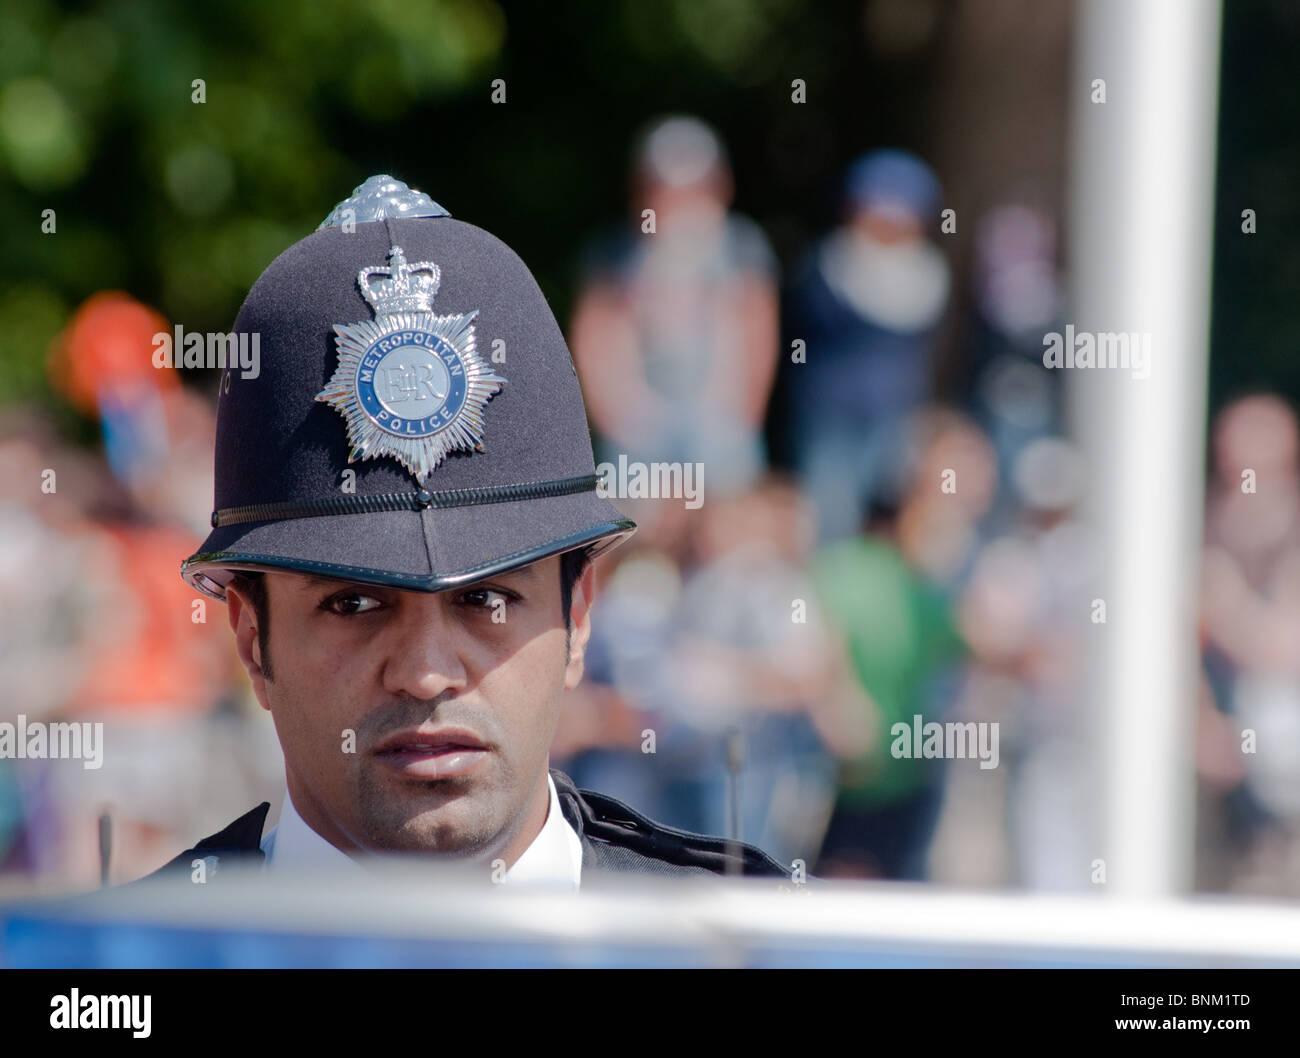 London bobby from ethnic minority background - Stock Image